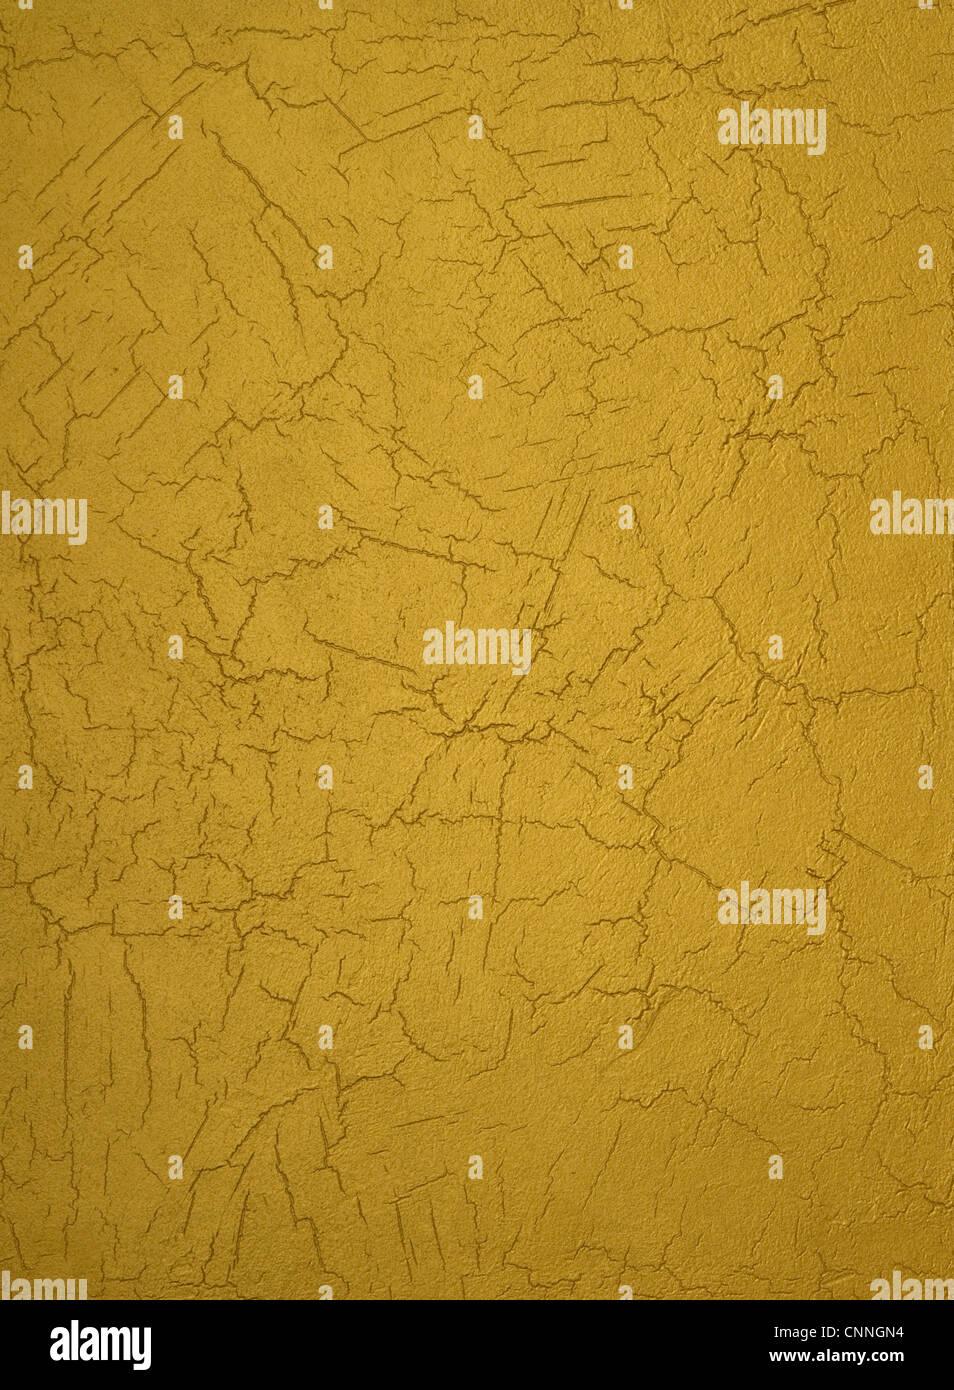 La texture di un muro di cemento ricoperta di vernice in oro, con corse. Immagini Stock